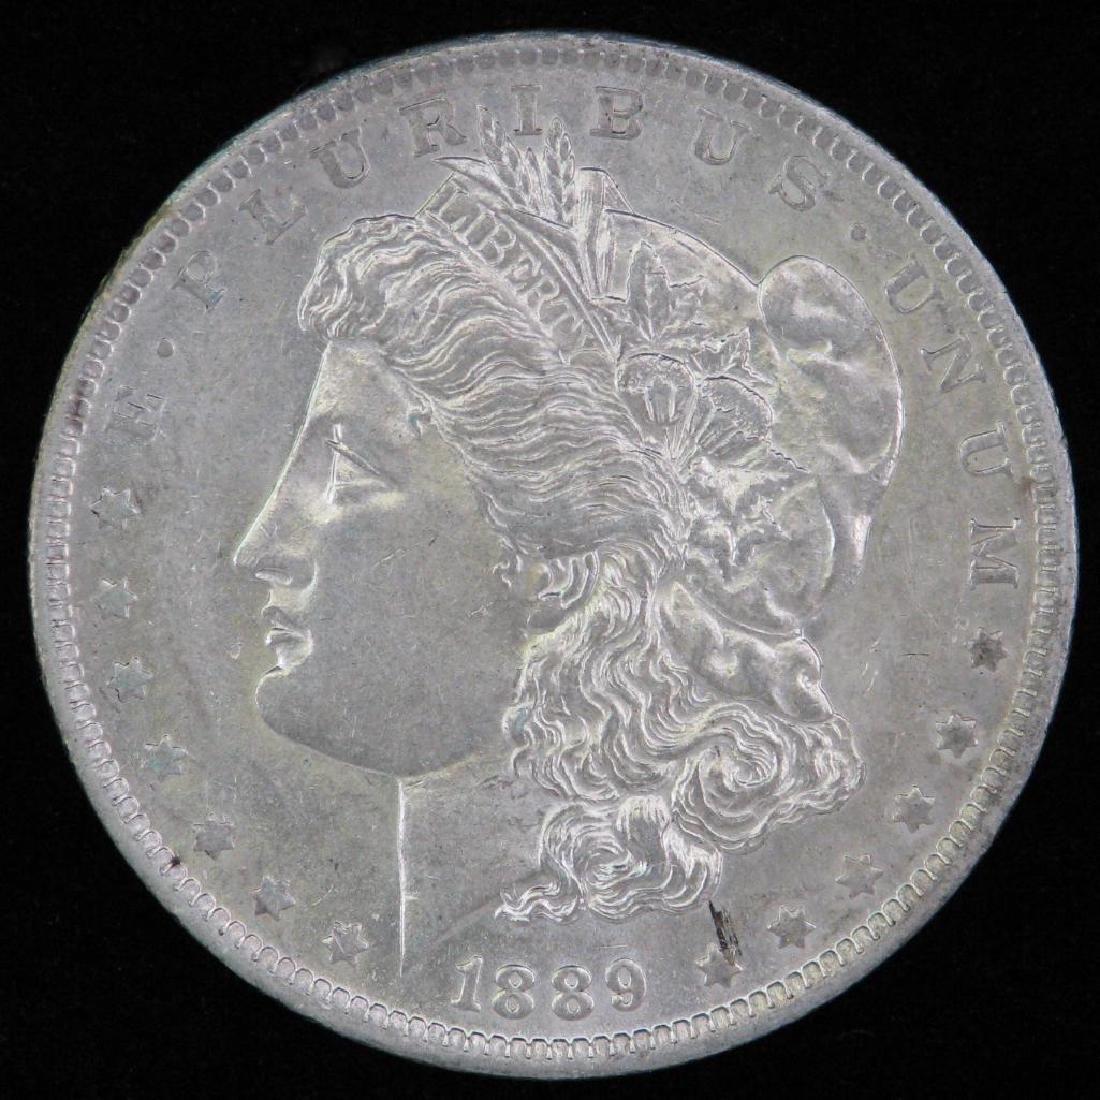 1889-O Morgan Dollar BU